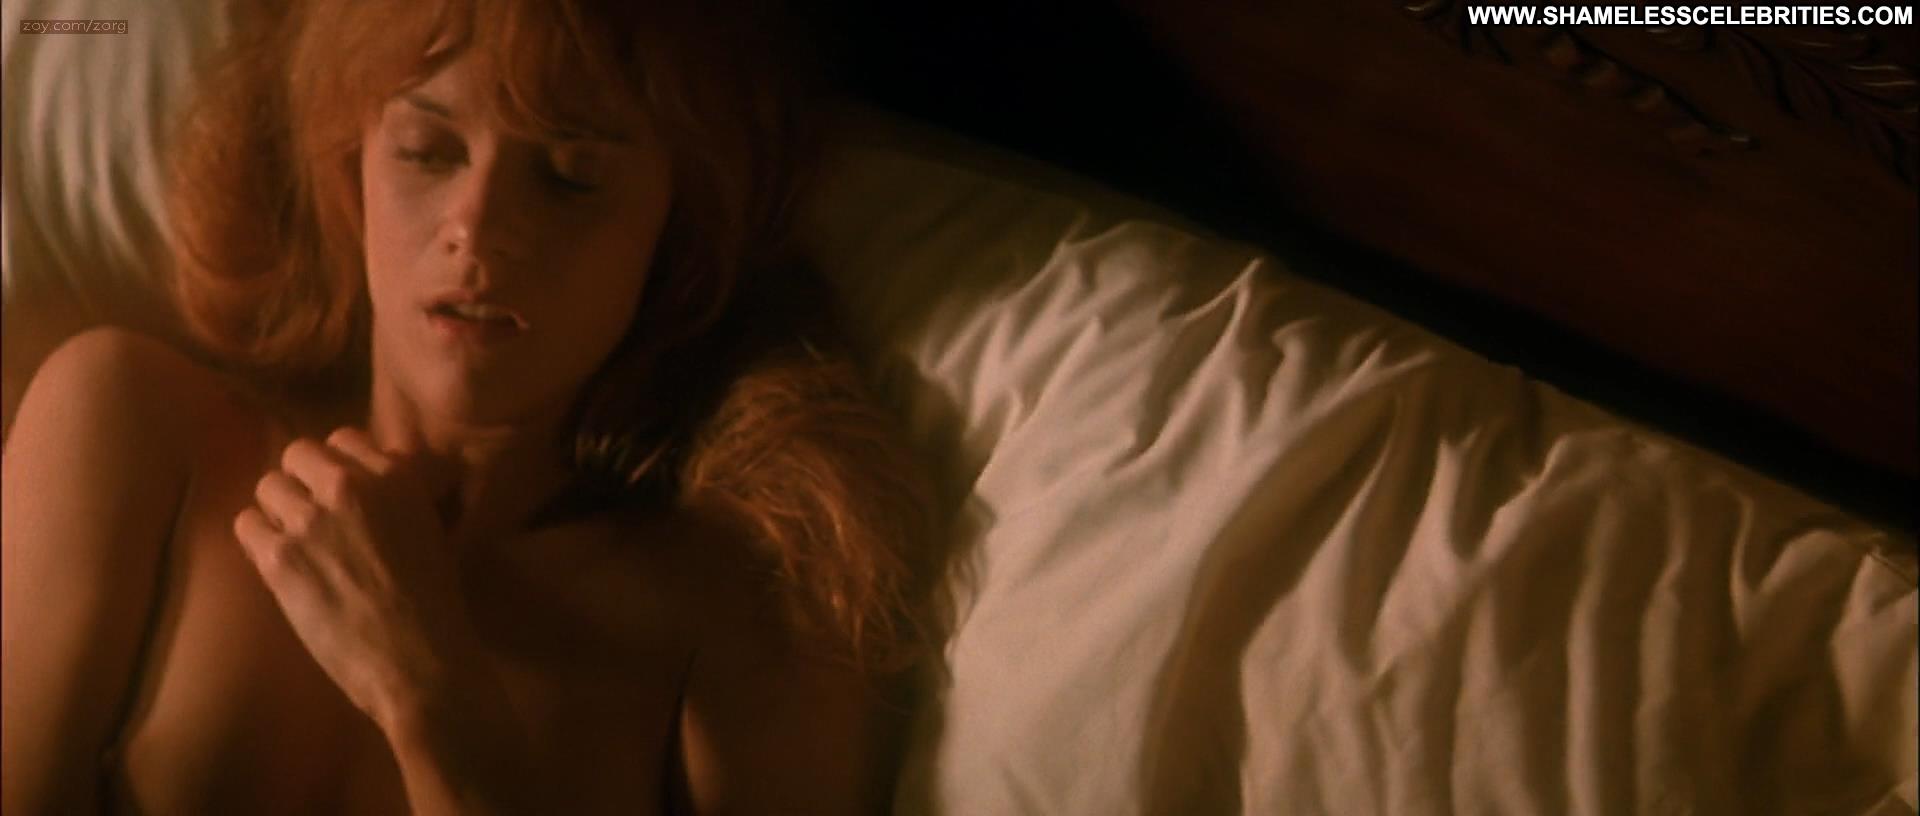 Meg Nude Porn Pics Leaked, Xxx Sex Photos